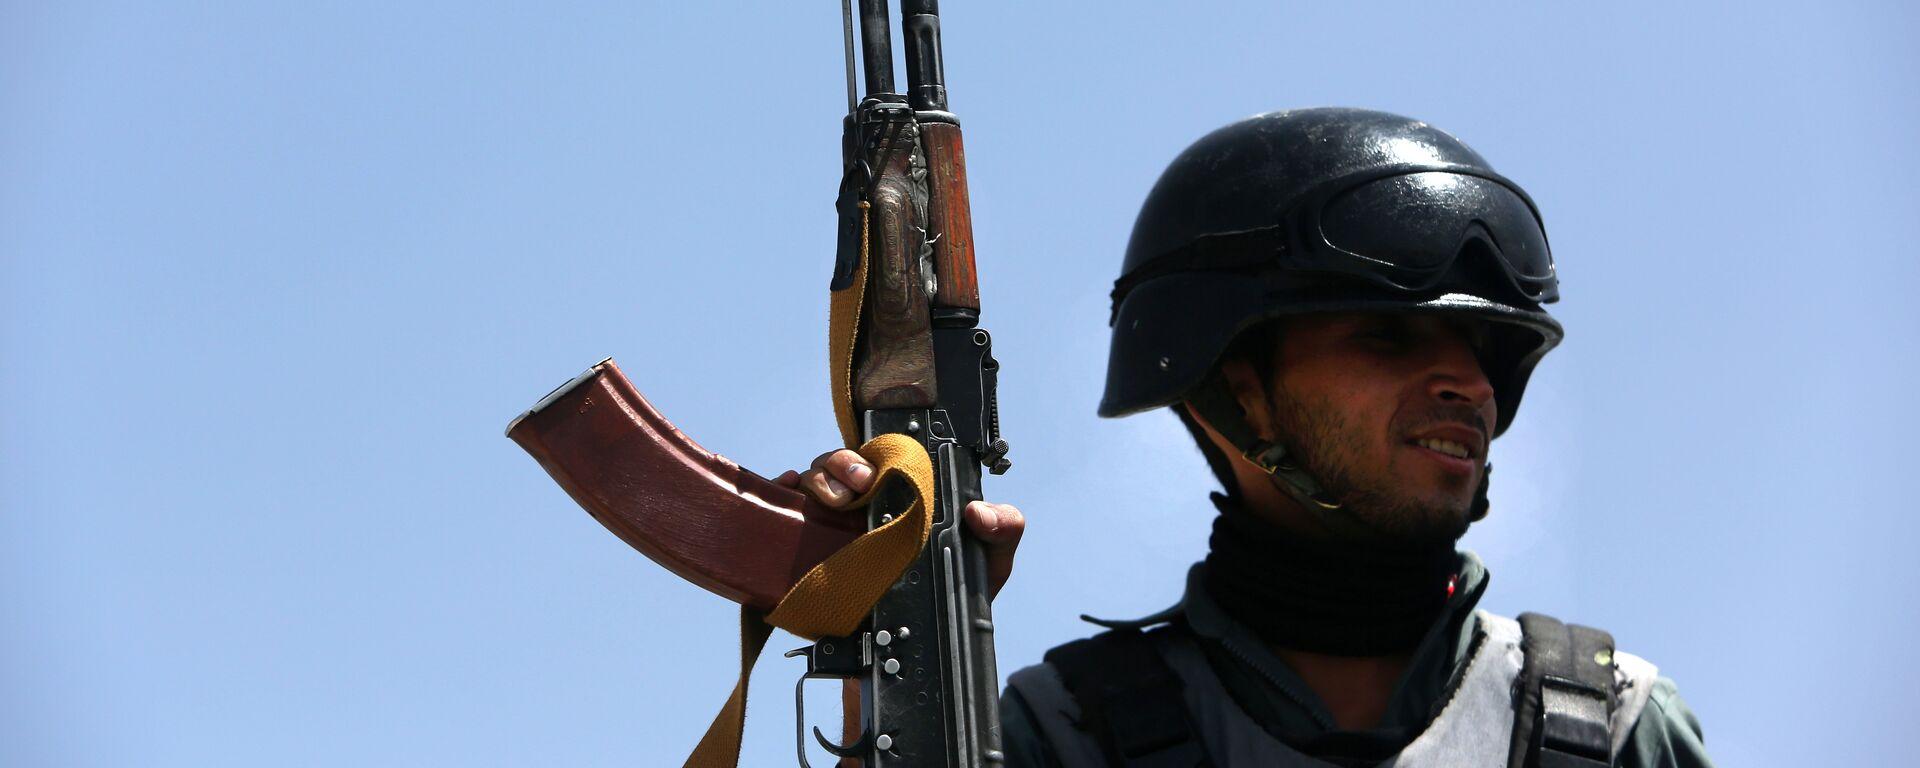 Полицейский в Афганистане, архивное фото - Sputnik Тоҷикистон, 1920, 31.03.2021